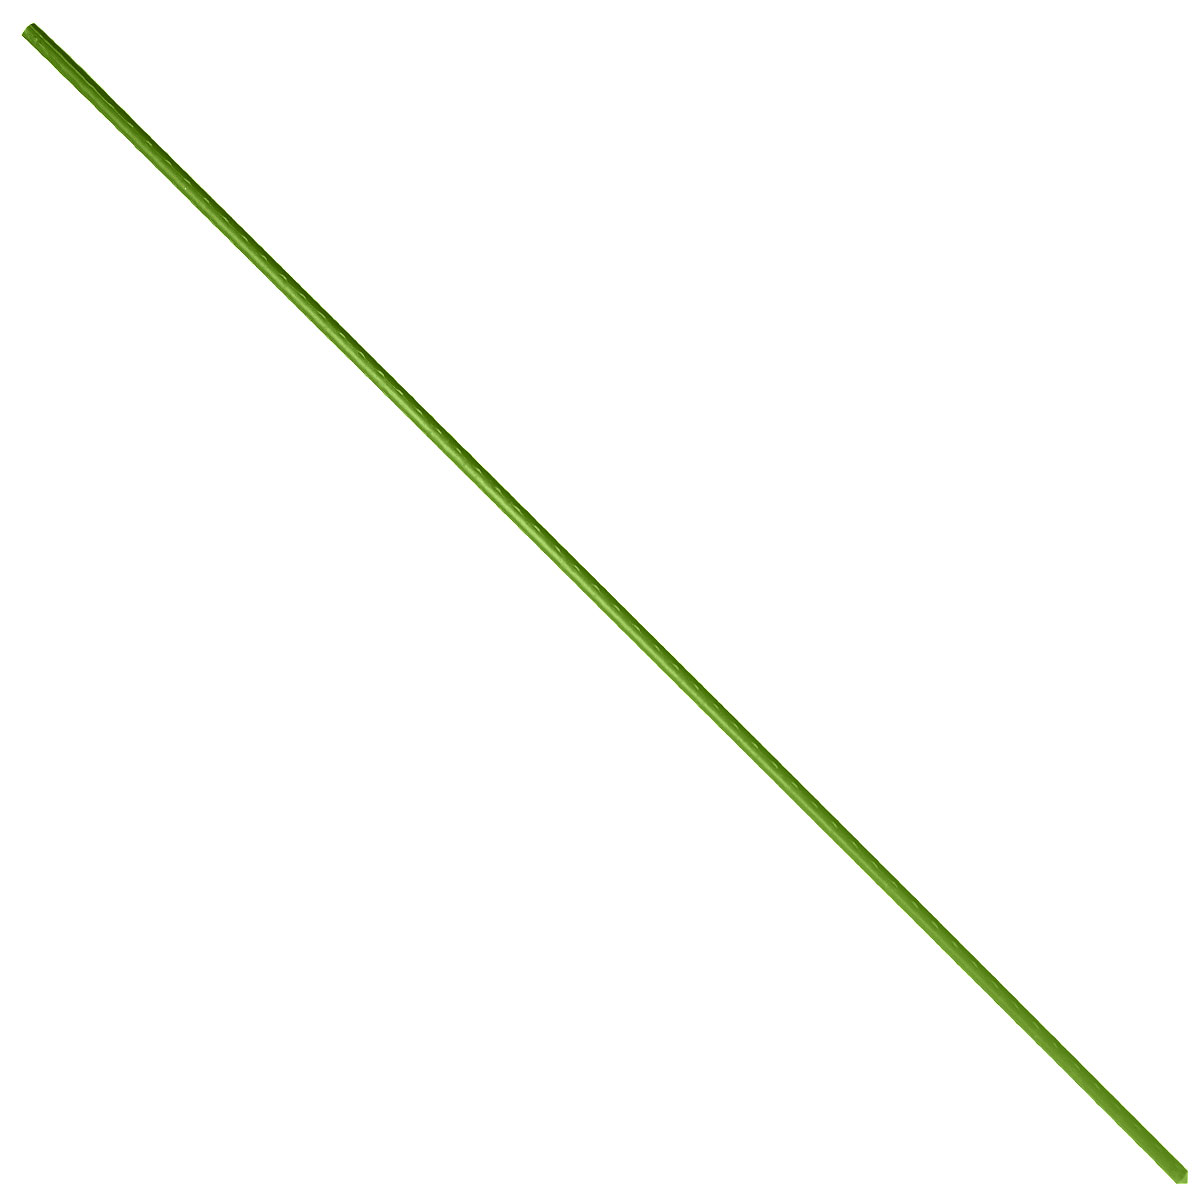 Опора для растений Green Apple, цвет: зеленый, диаметр 0,8 см, длина 60 см, 5 штGCSP-8-60Опора для растений Green Apple выполнена из высококачественного металла, покрытого цветным пластиком. В наборе 5 опор, выполненных в виде ствола растения с шипами.Такие опоры широко используются для поддержки декоративных садовых и комнатных растений. Также могут применятся для поддержки вьющихся растений в парниках.Длина опоры: 60 см.Диаметр опоры: 0,8 см.Комплектация: 5 шт.